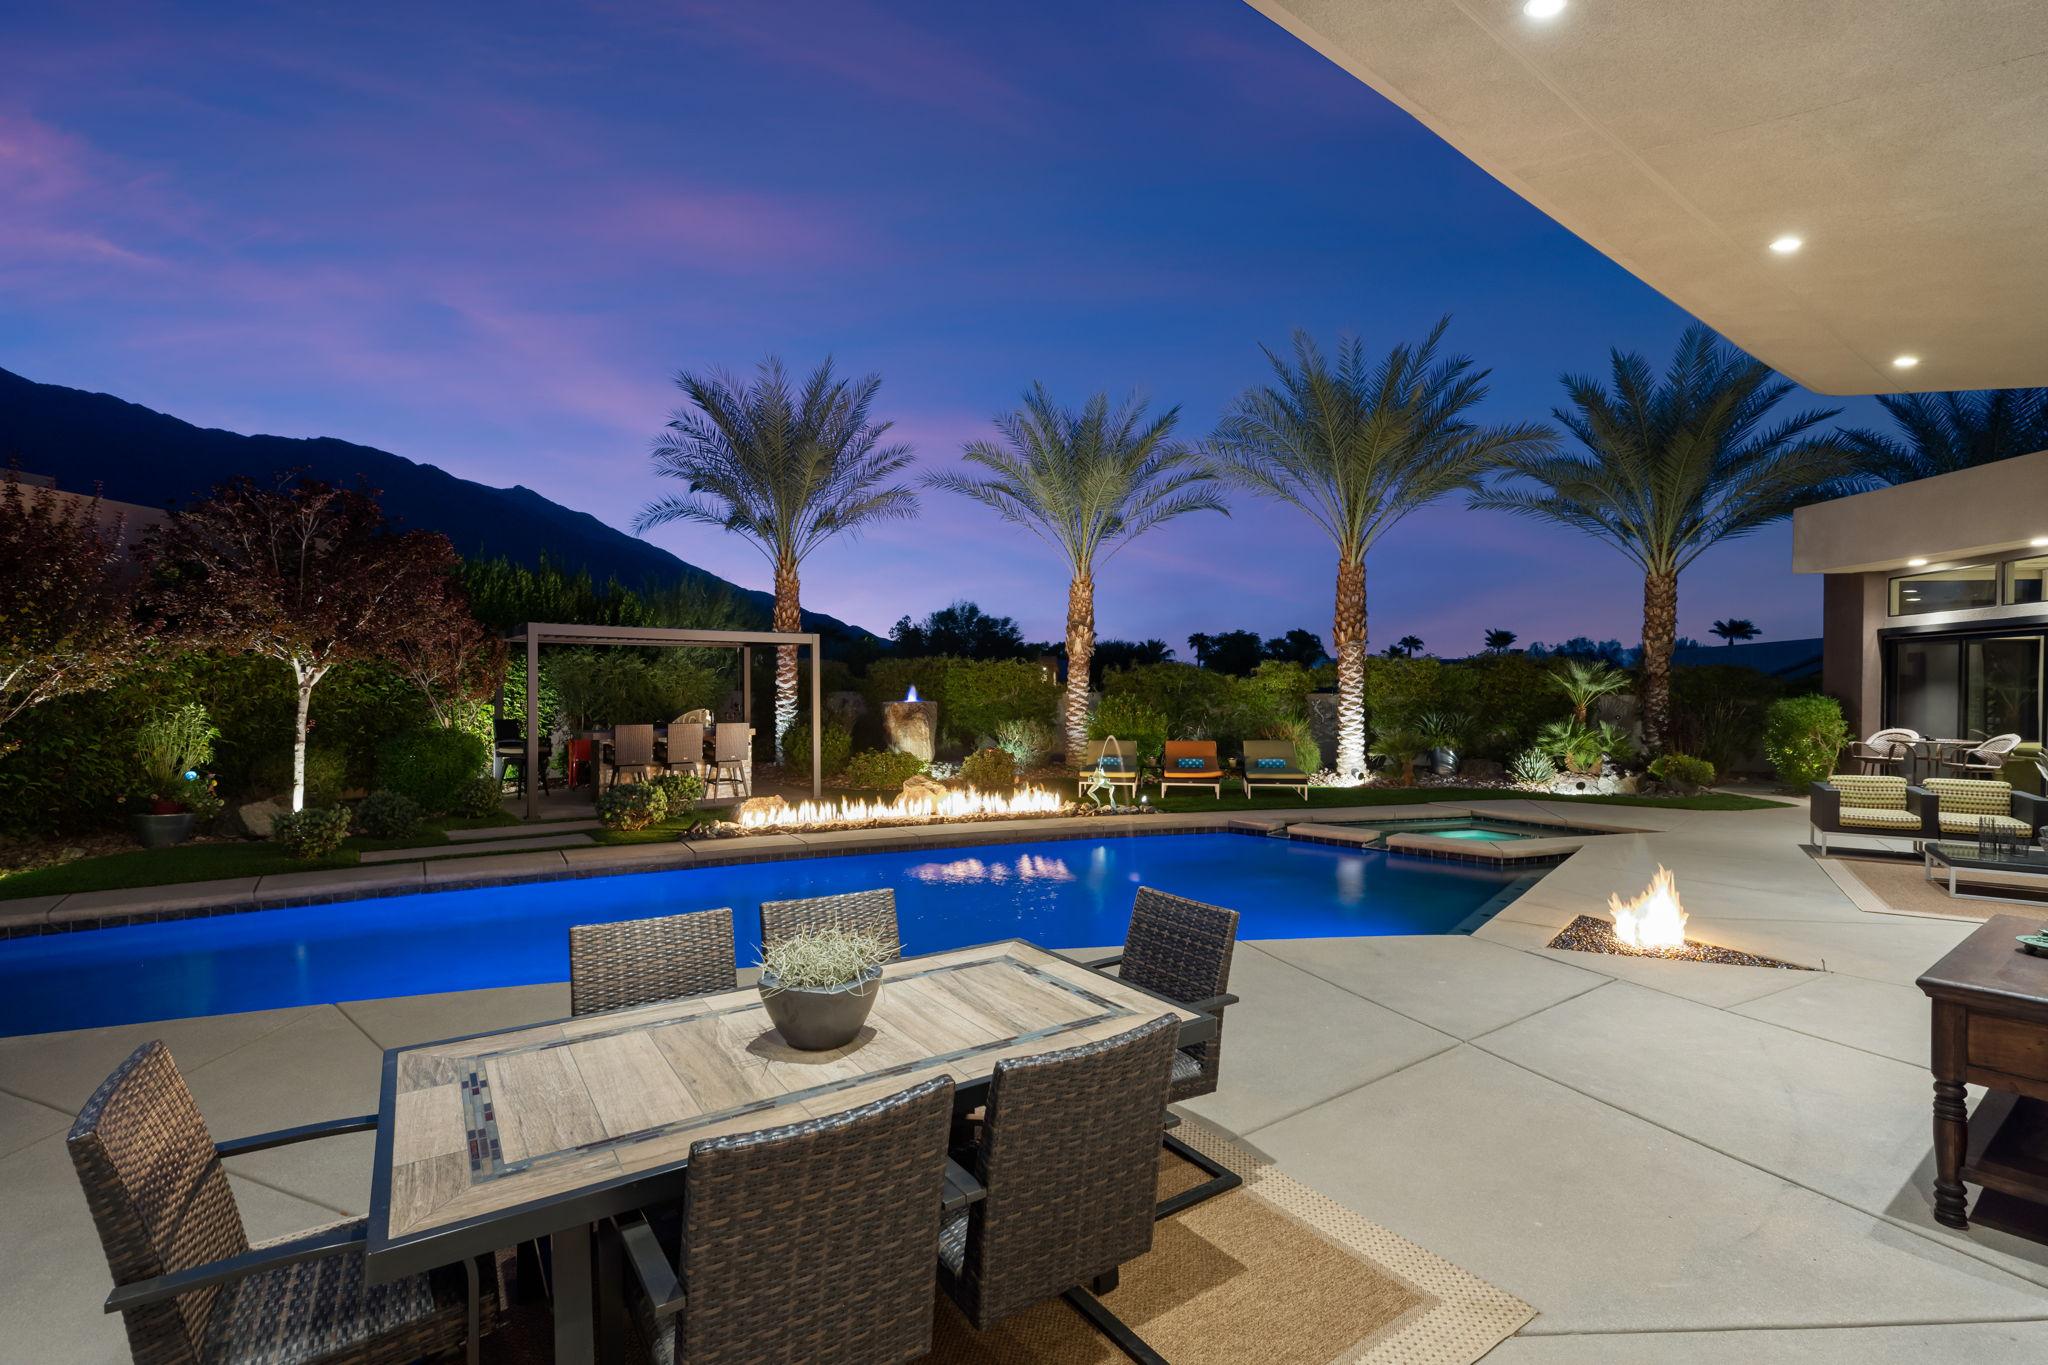 398 Patel Pl, Palm Springs, CA 92264, USA Photo 2